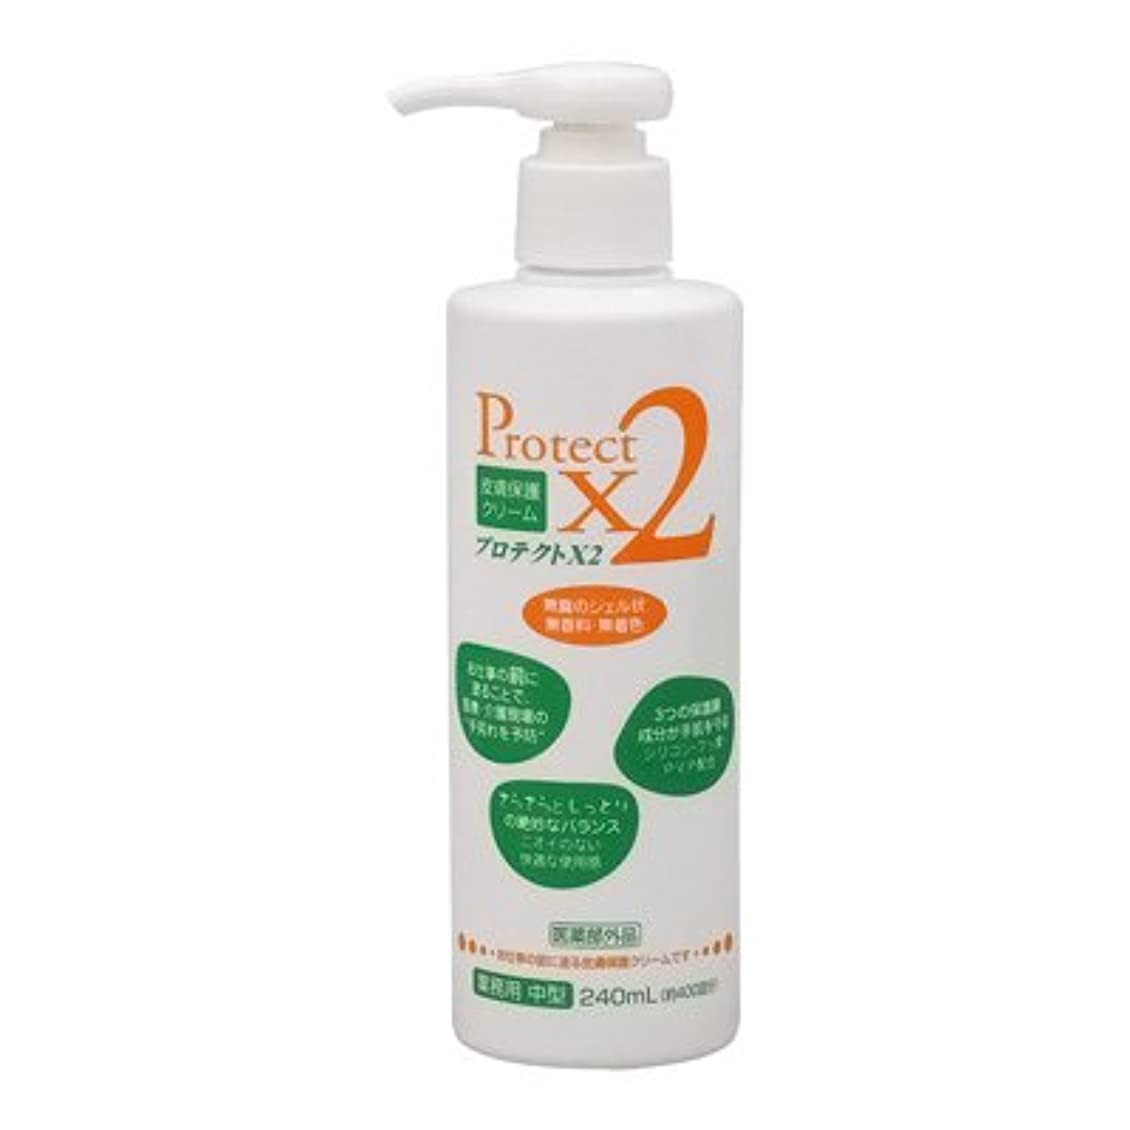 枢機卿サークルフットボール皮膚保護クリーム プロテクトX2 240ml(中型)